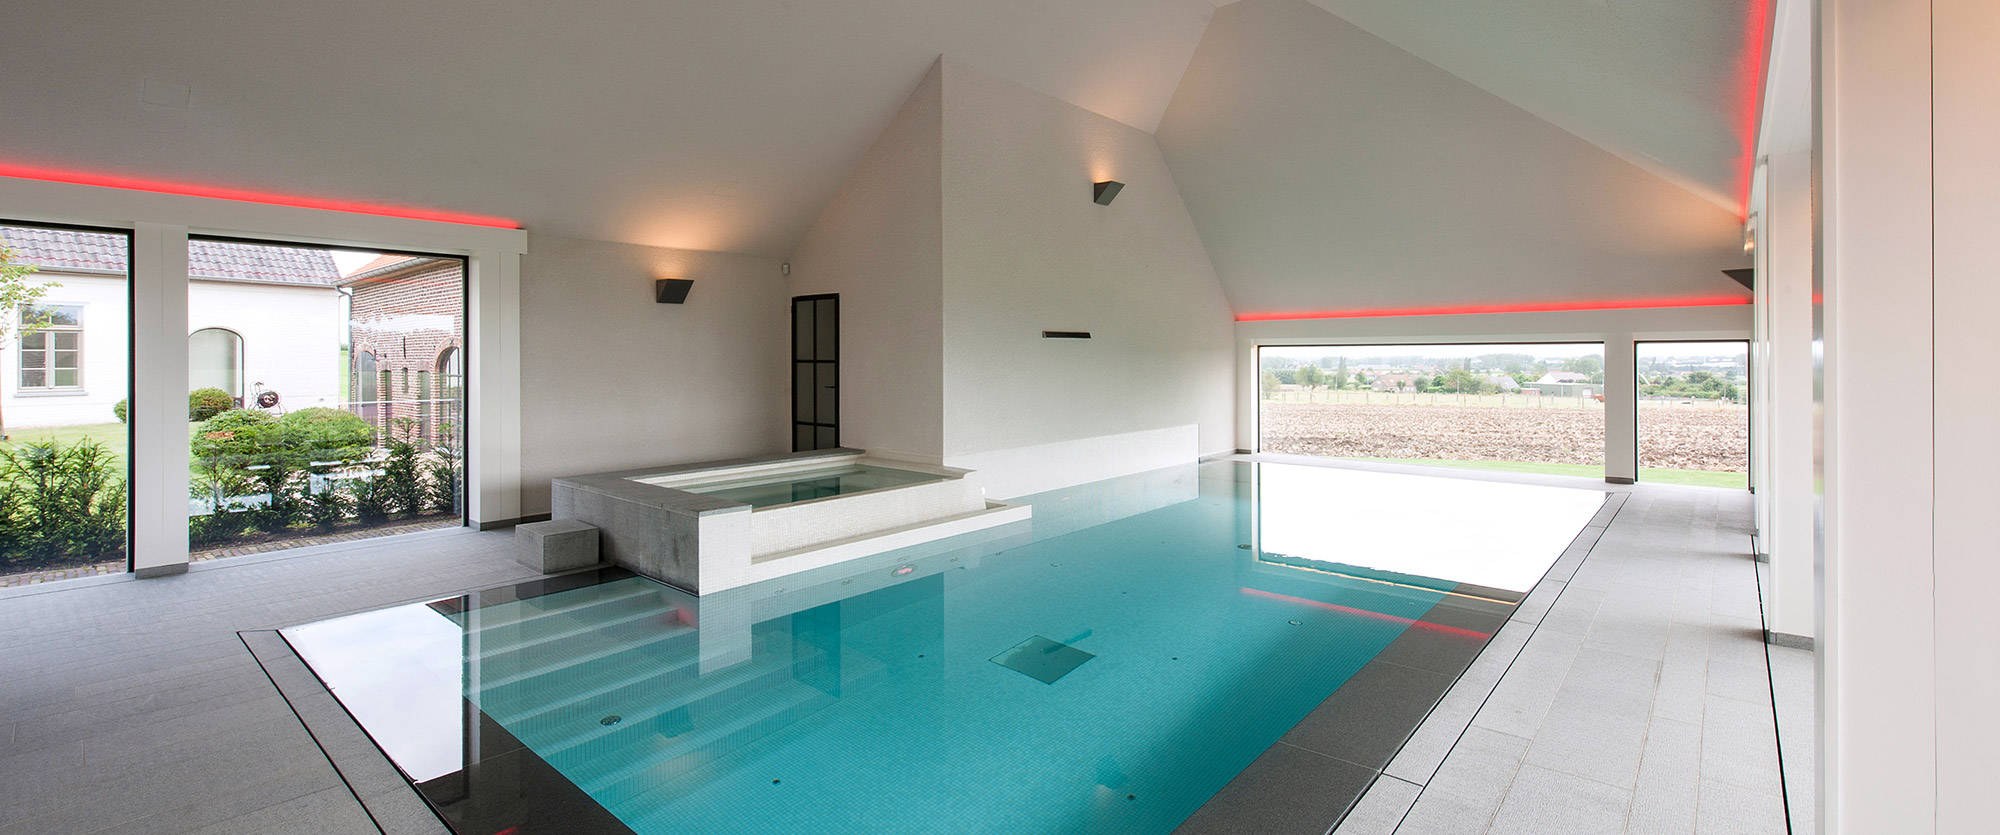 Schwimmbad und whirlpool mit terrassenblick for Schwimmbad gegenstromanlage